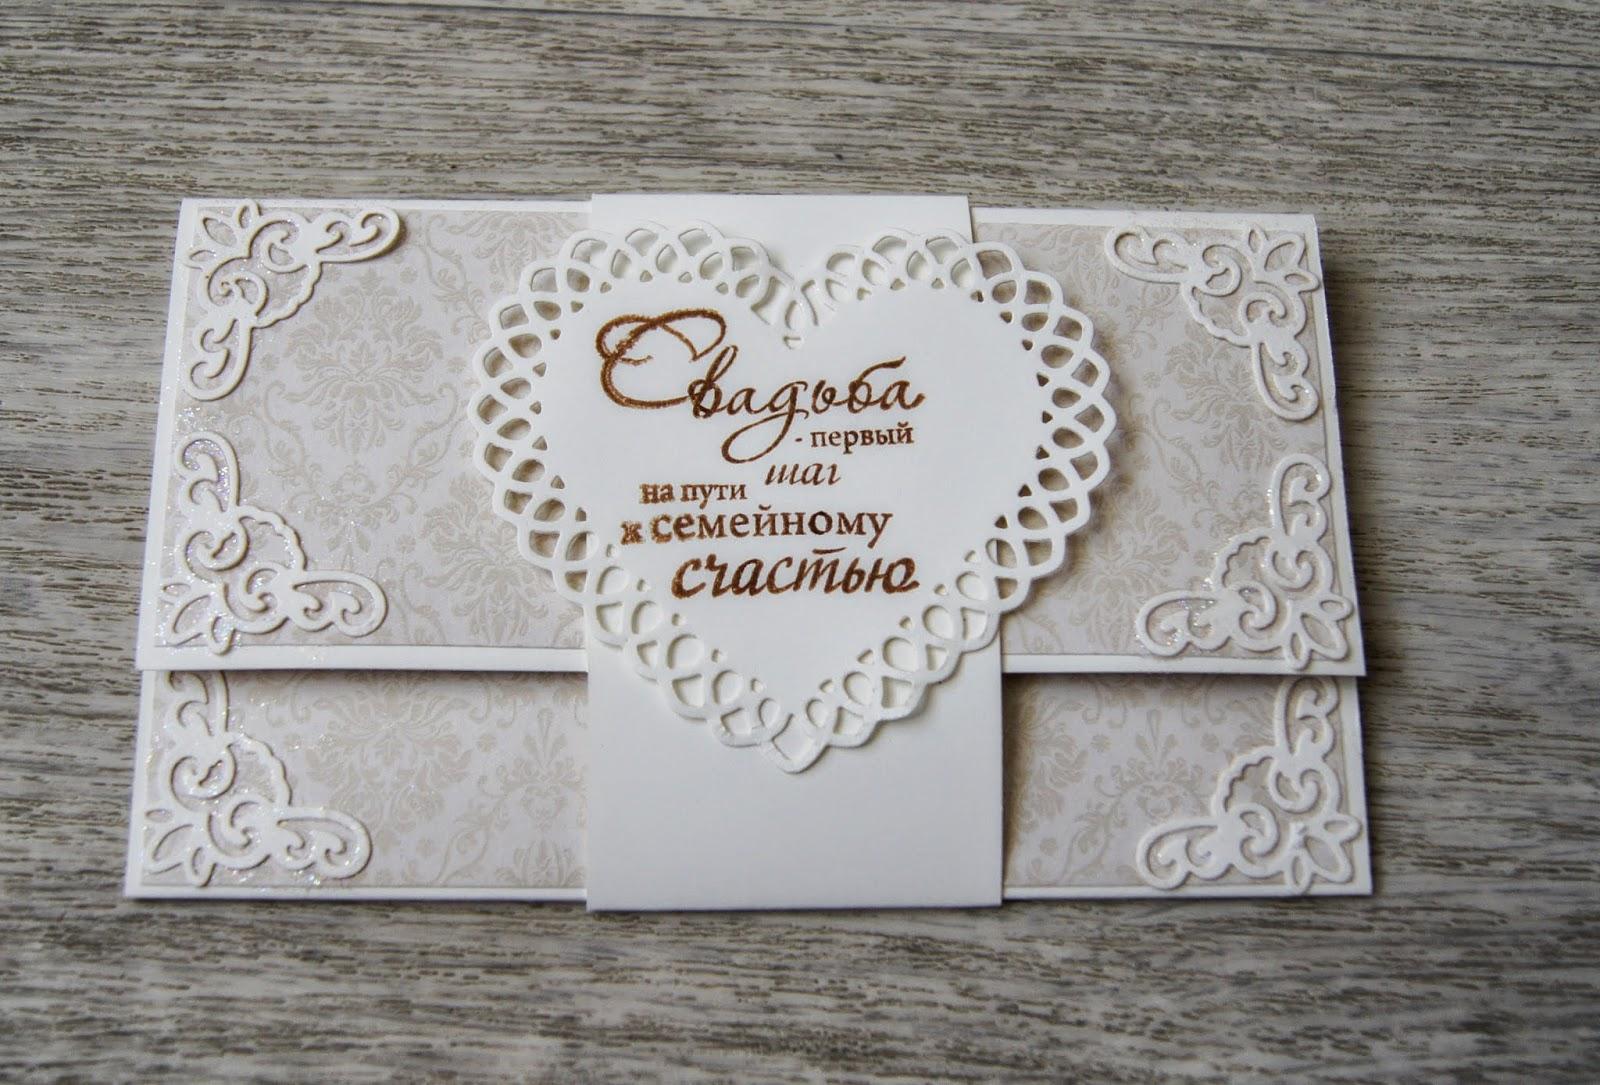 Как подписать открытку на свадьбе